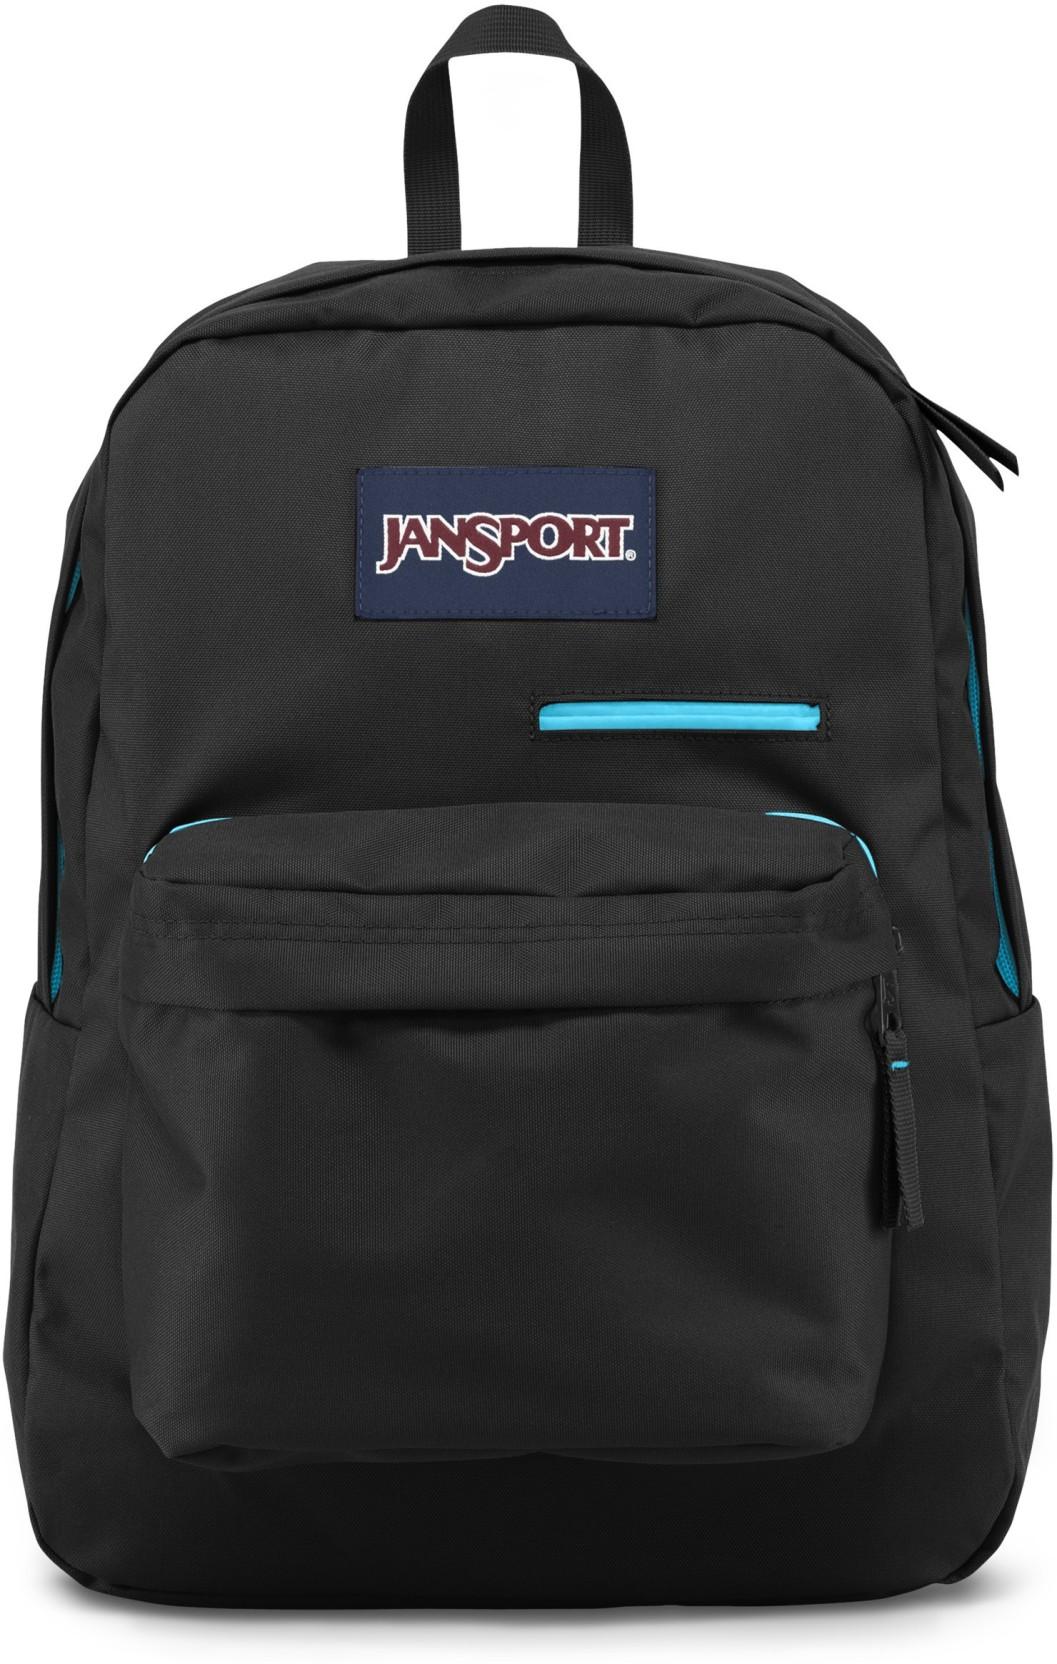 966c912df7c1 JanSport DigiBreak 25 L Laptop Backpack